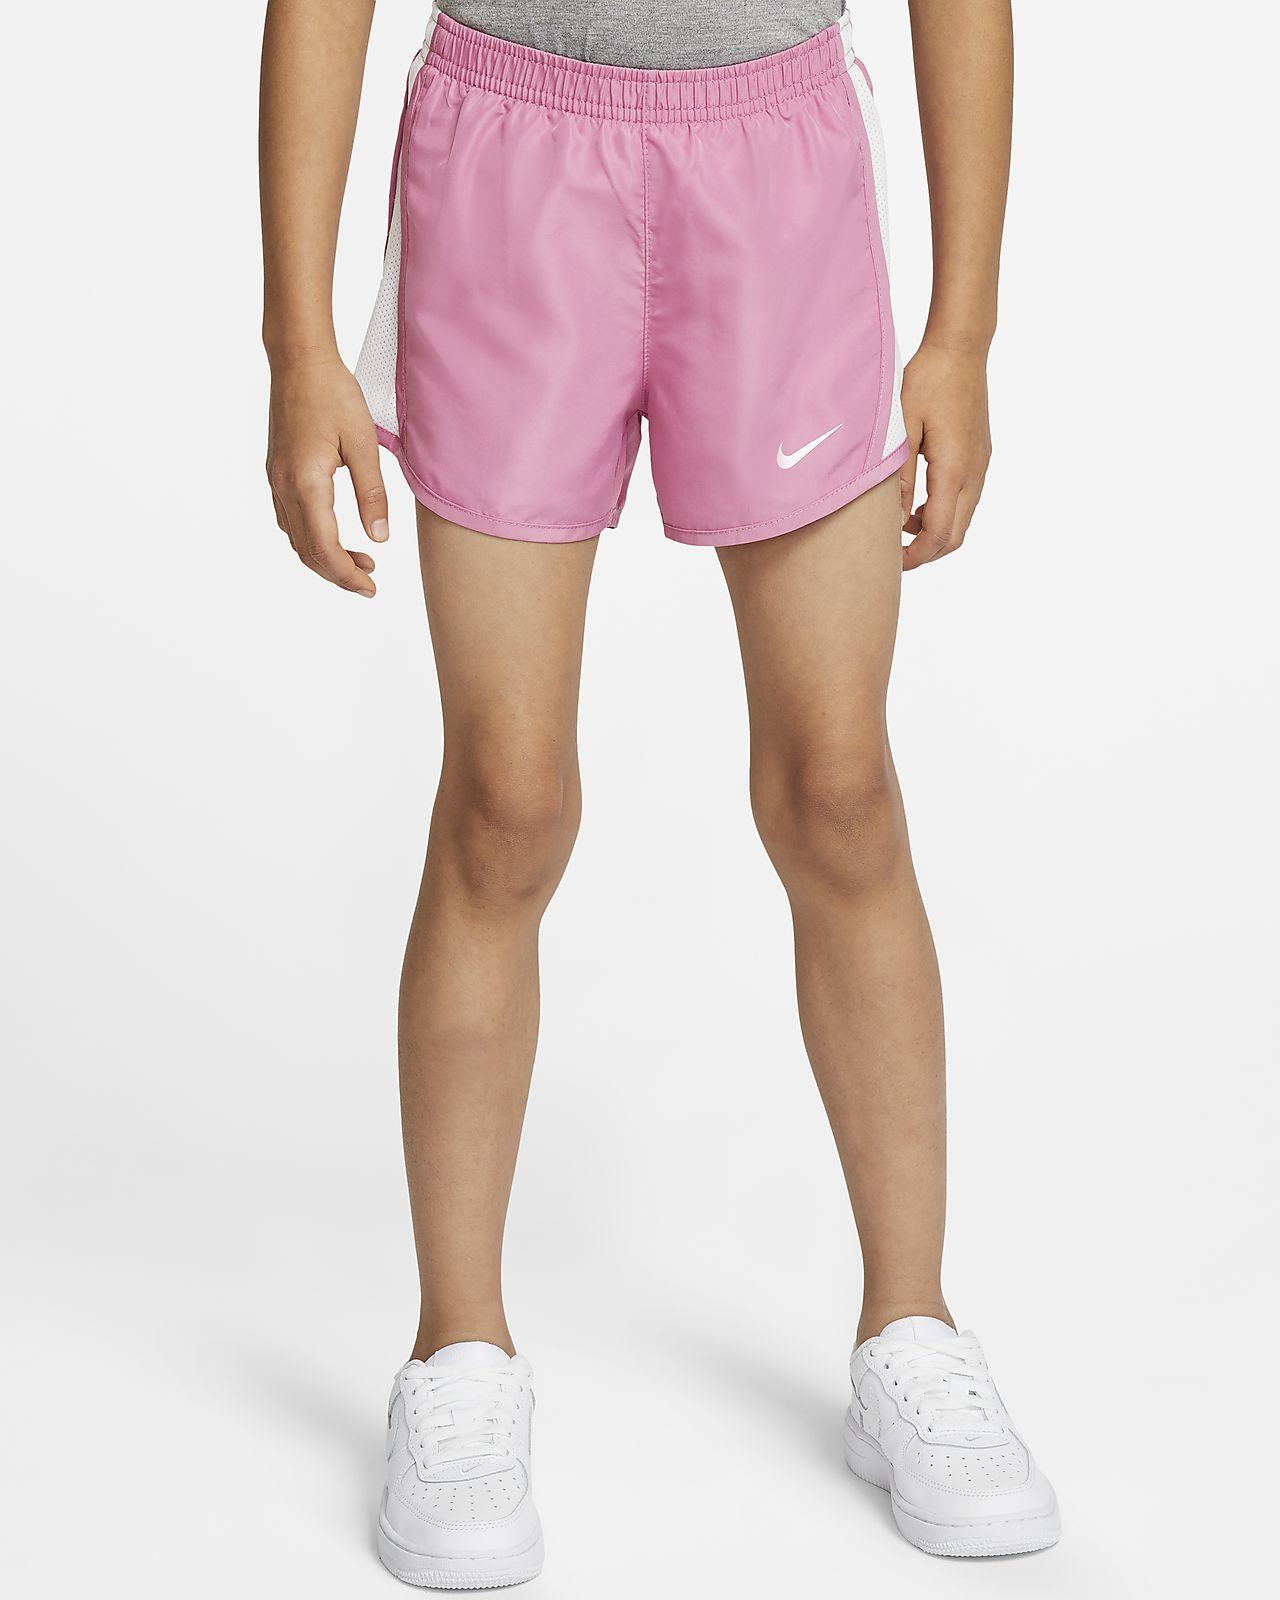 Nike Dri-FIT Tempo Little Kids' Shorts